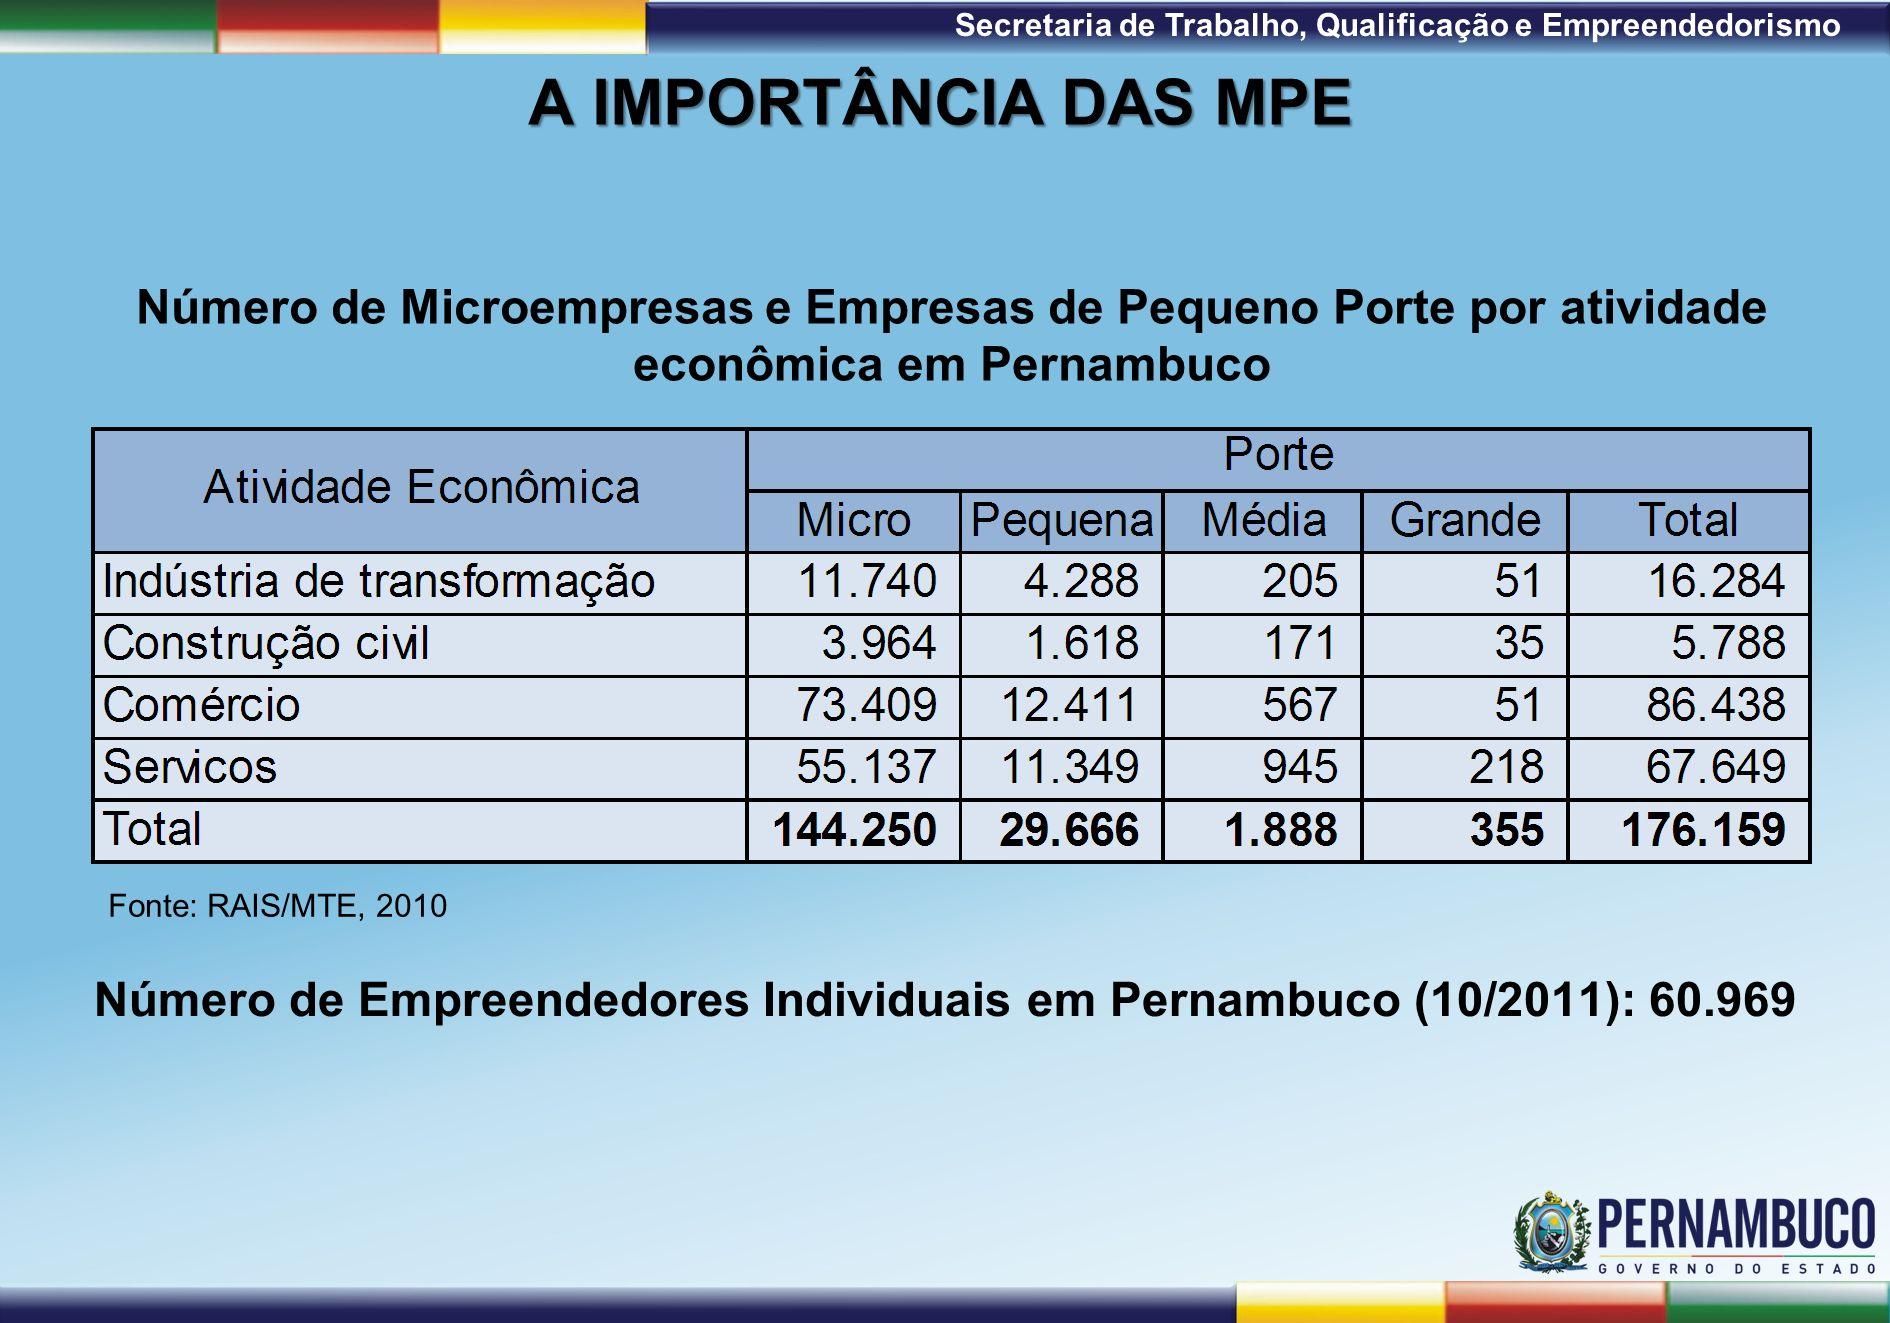 1ª Reunião de Monitoramento 2009 – 31/03/09 Secretaria de Trabalho, Qualificação e Empreendedorismo A IMPORTÂNCIA DAS MPE Número de Microempresas e Empresas de Pequeno Porte por atividade econômica em Pernambuco Fonte: RAIS/MTE, 2010 Número de Empreendedores Individuais em Pernambuco (10/2011): 60.969